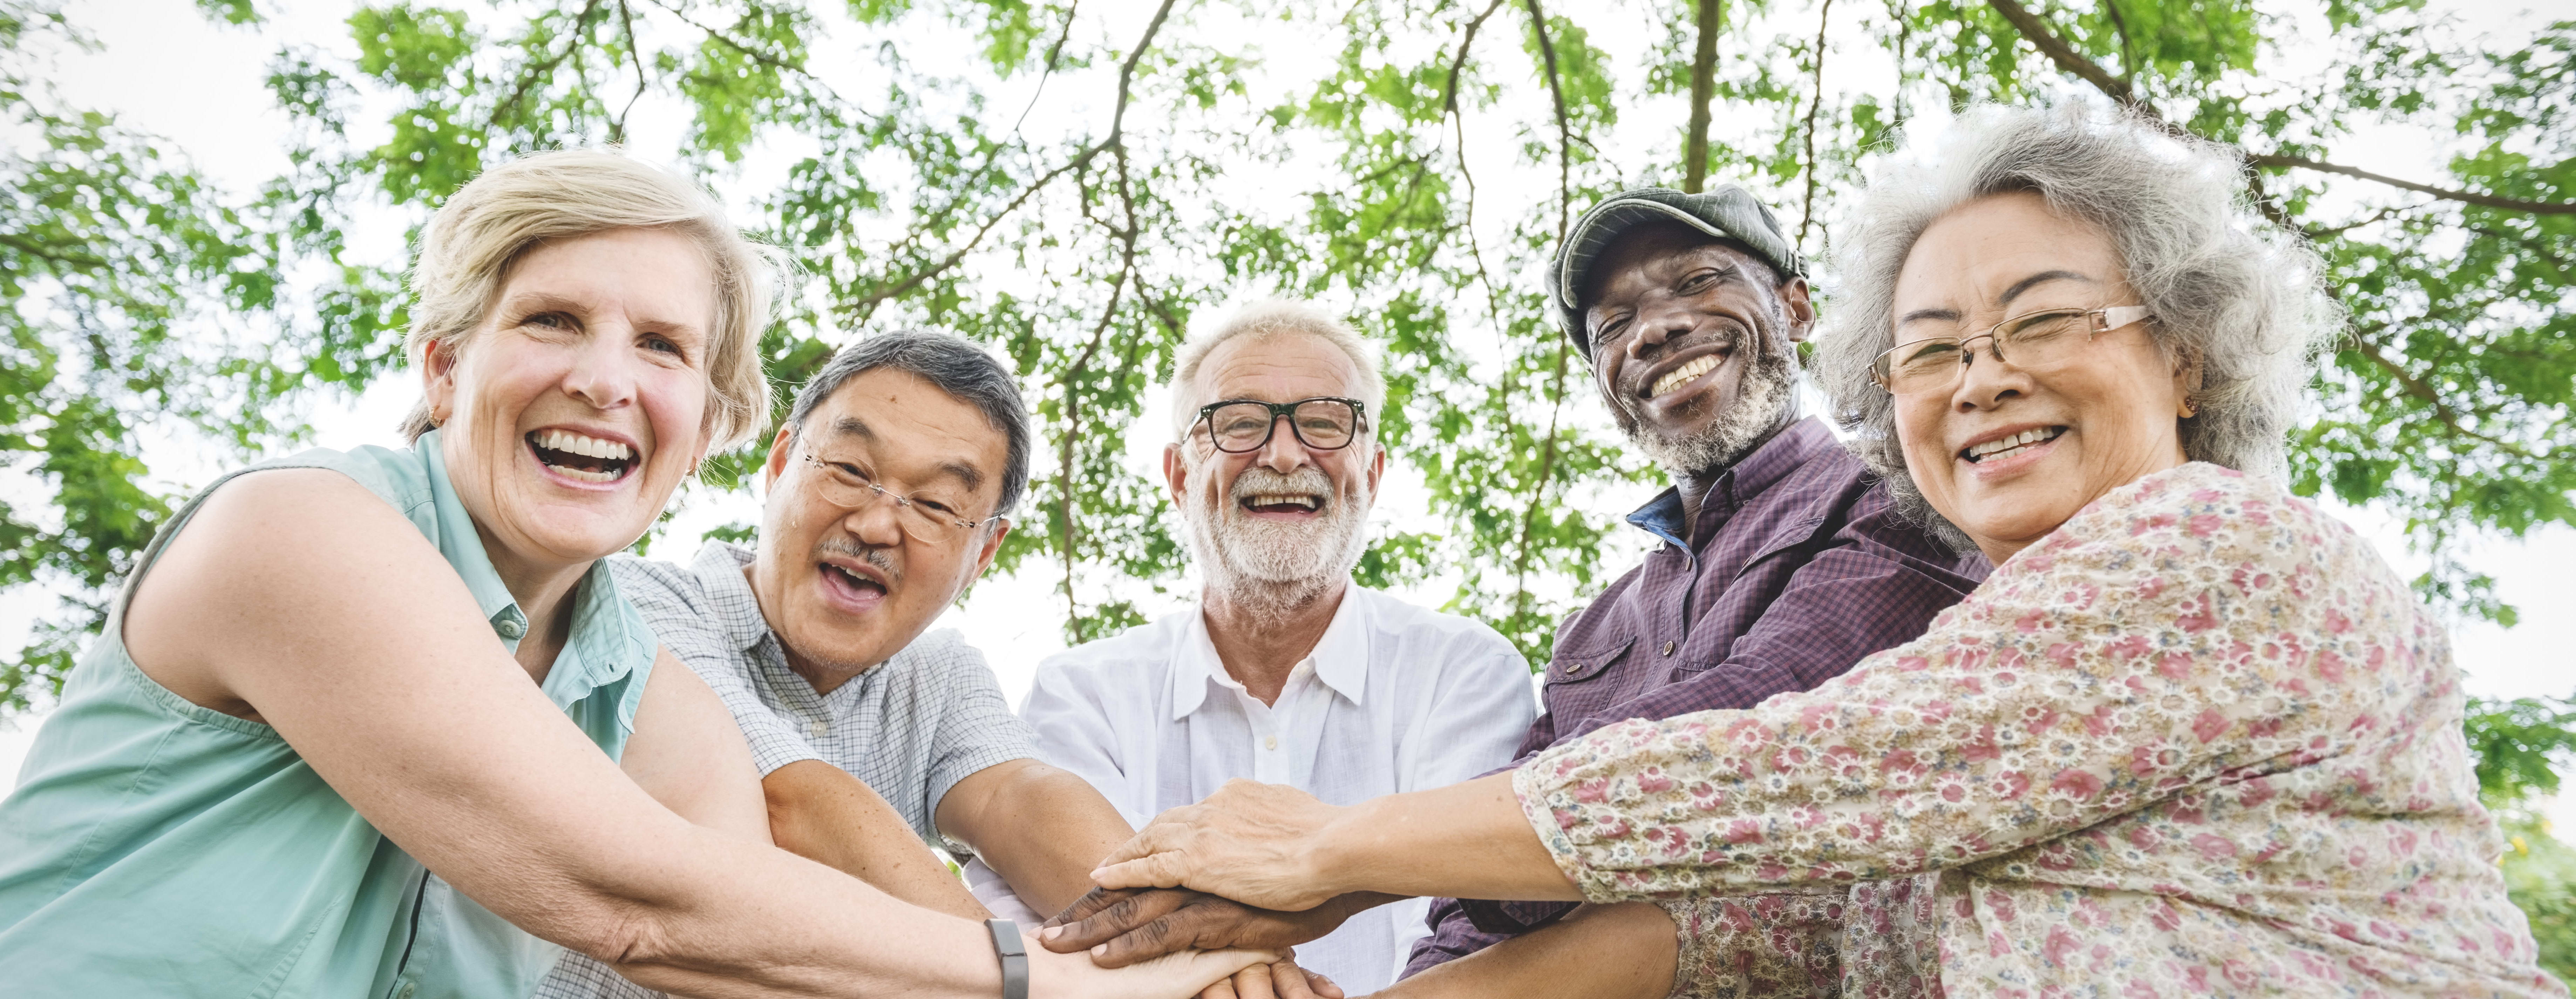 Senior living options at the senior living community in Bradenton